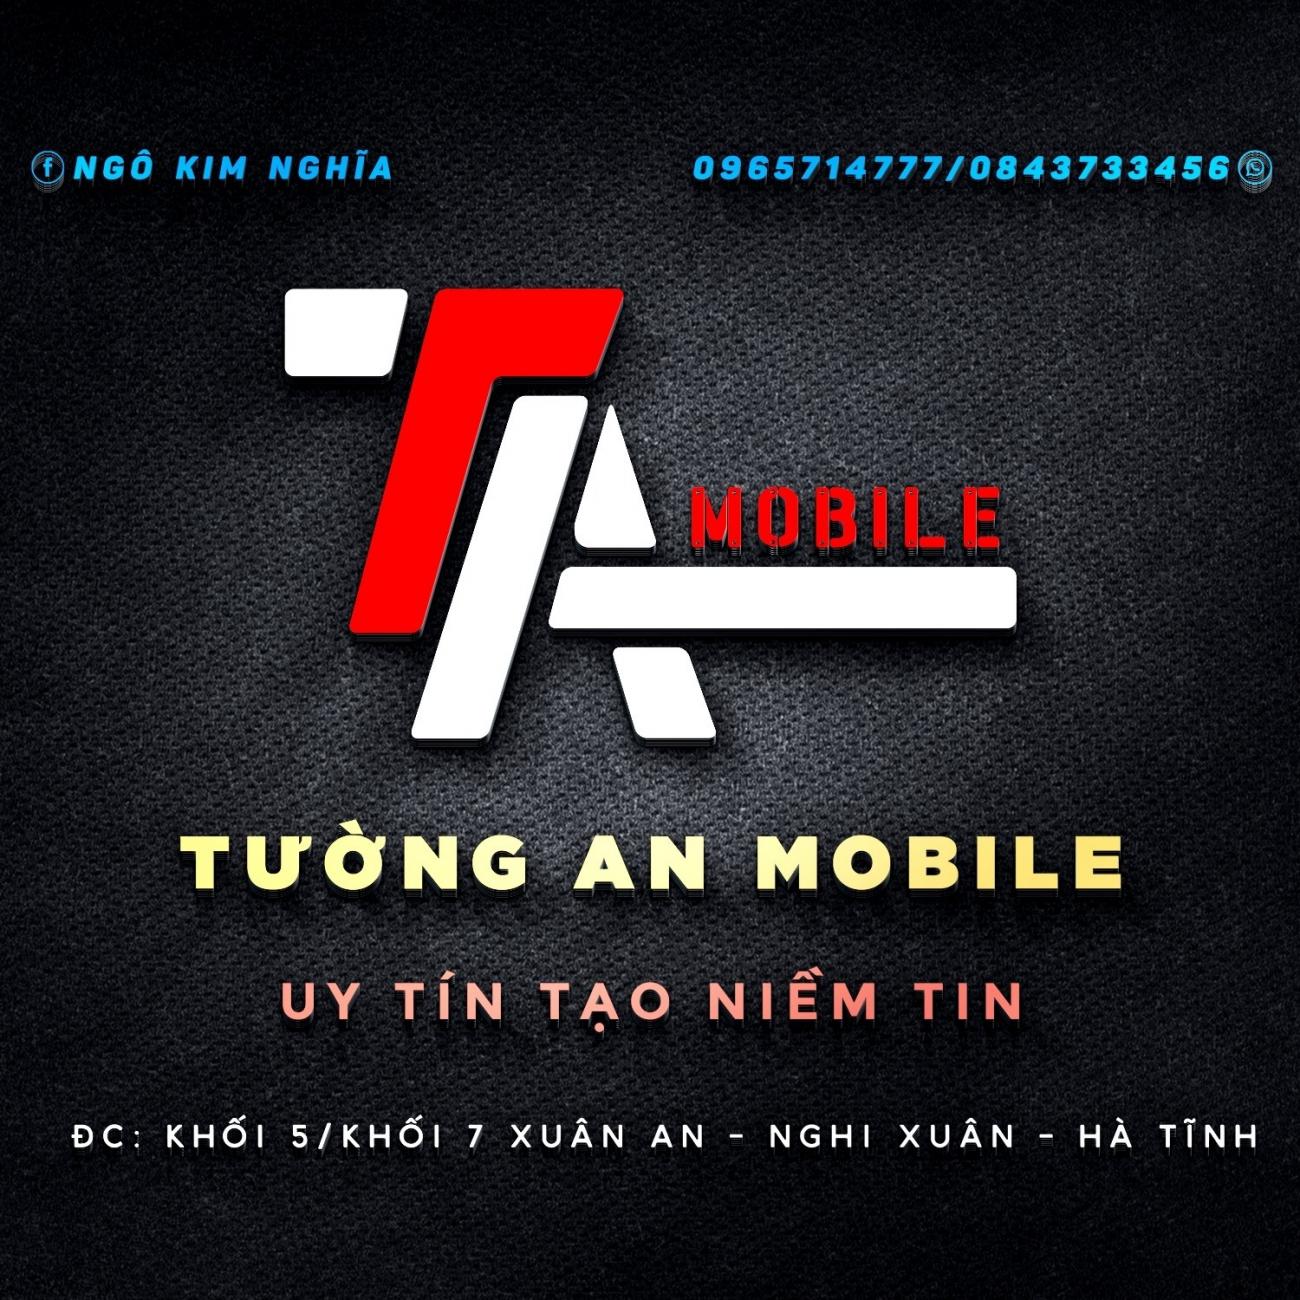 Cửa hàng điện thoại Tường An Mobile